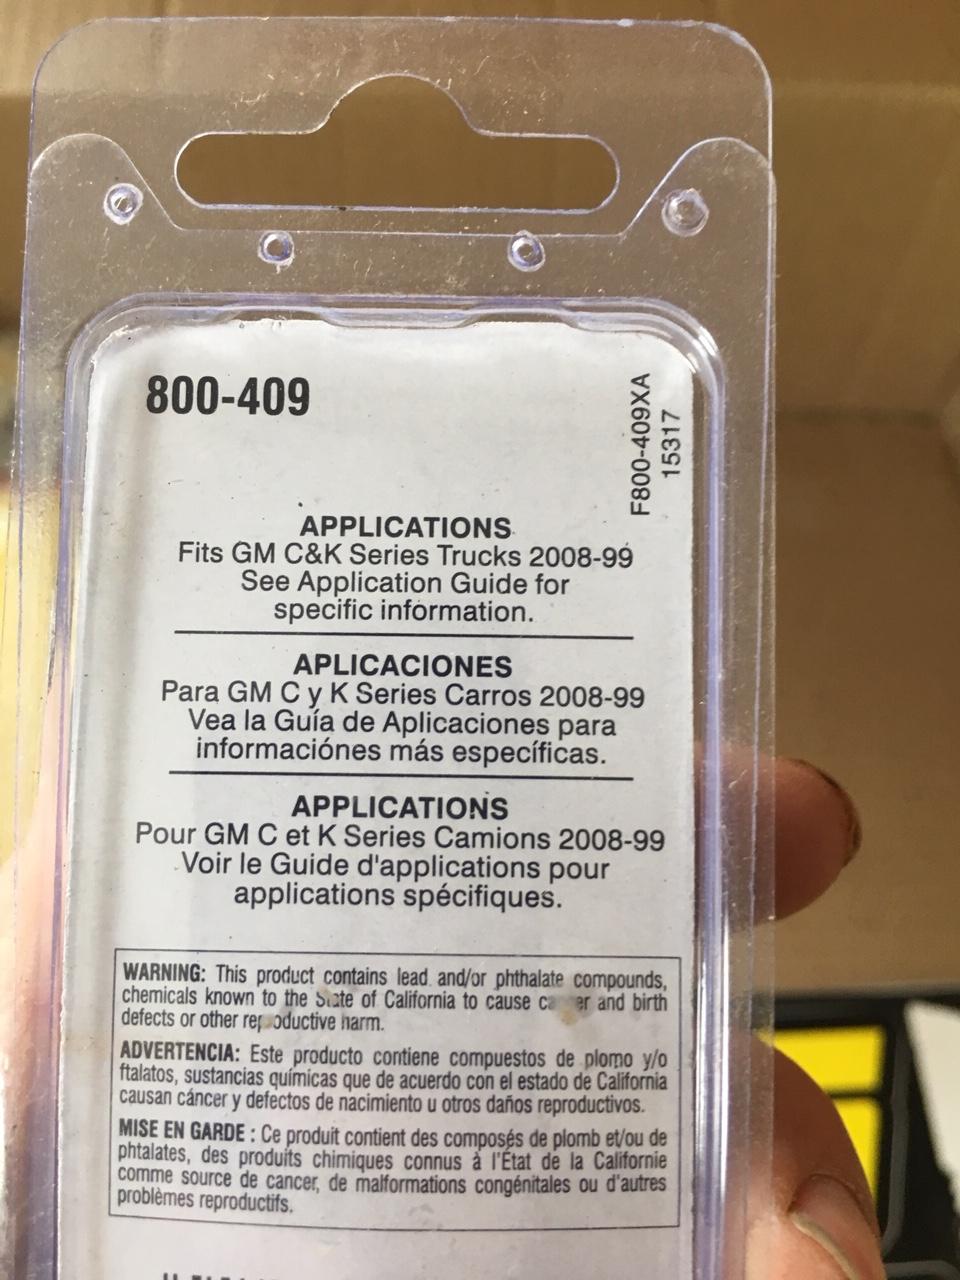 98D2945F-E1A1-4BF9-BD9E-9334847286A2.JPG